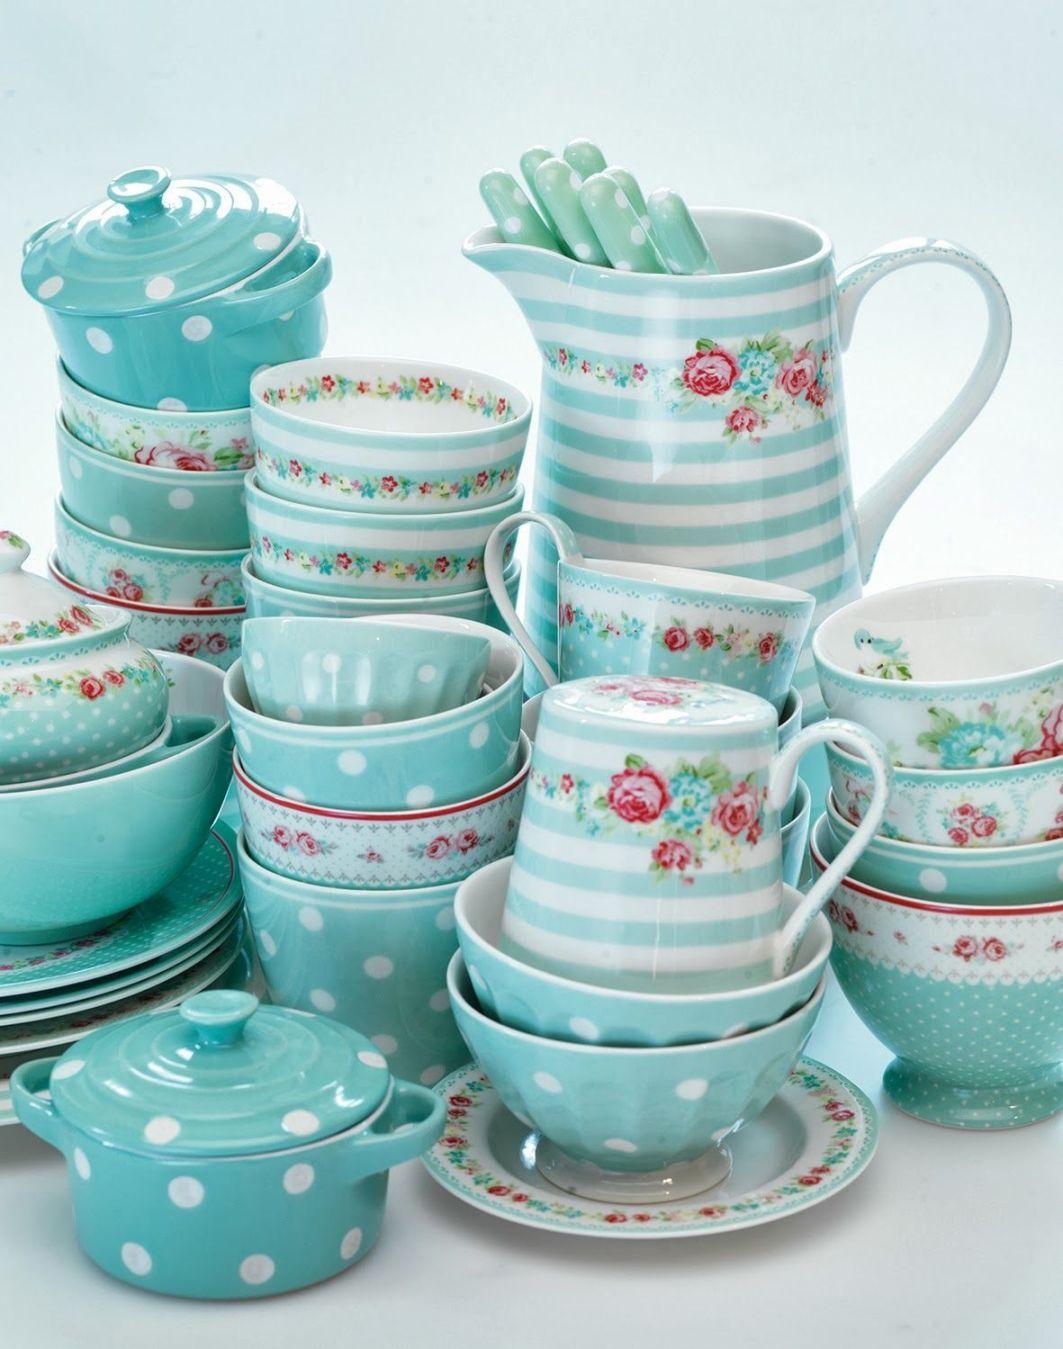 голубой чайный сервиз купить